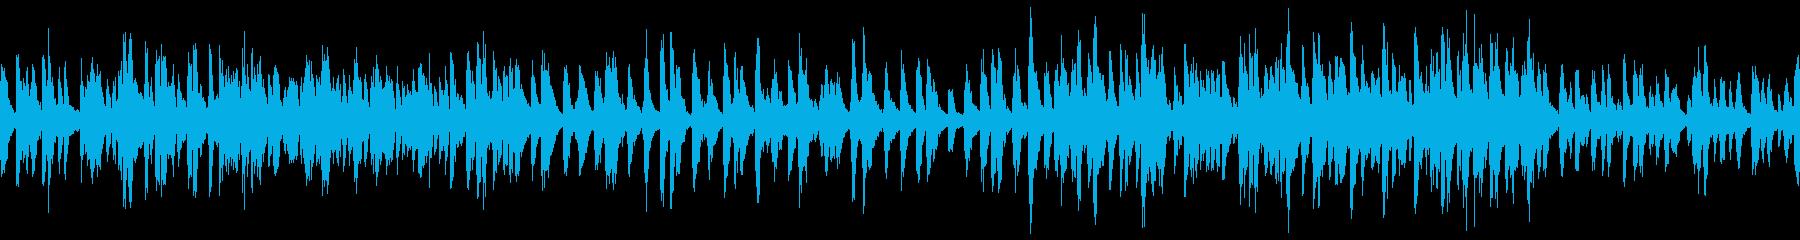 楽しい雰囲気の小人のBGM(ループ仕様)の再生済みの波形